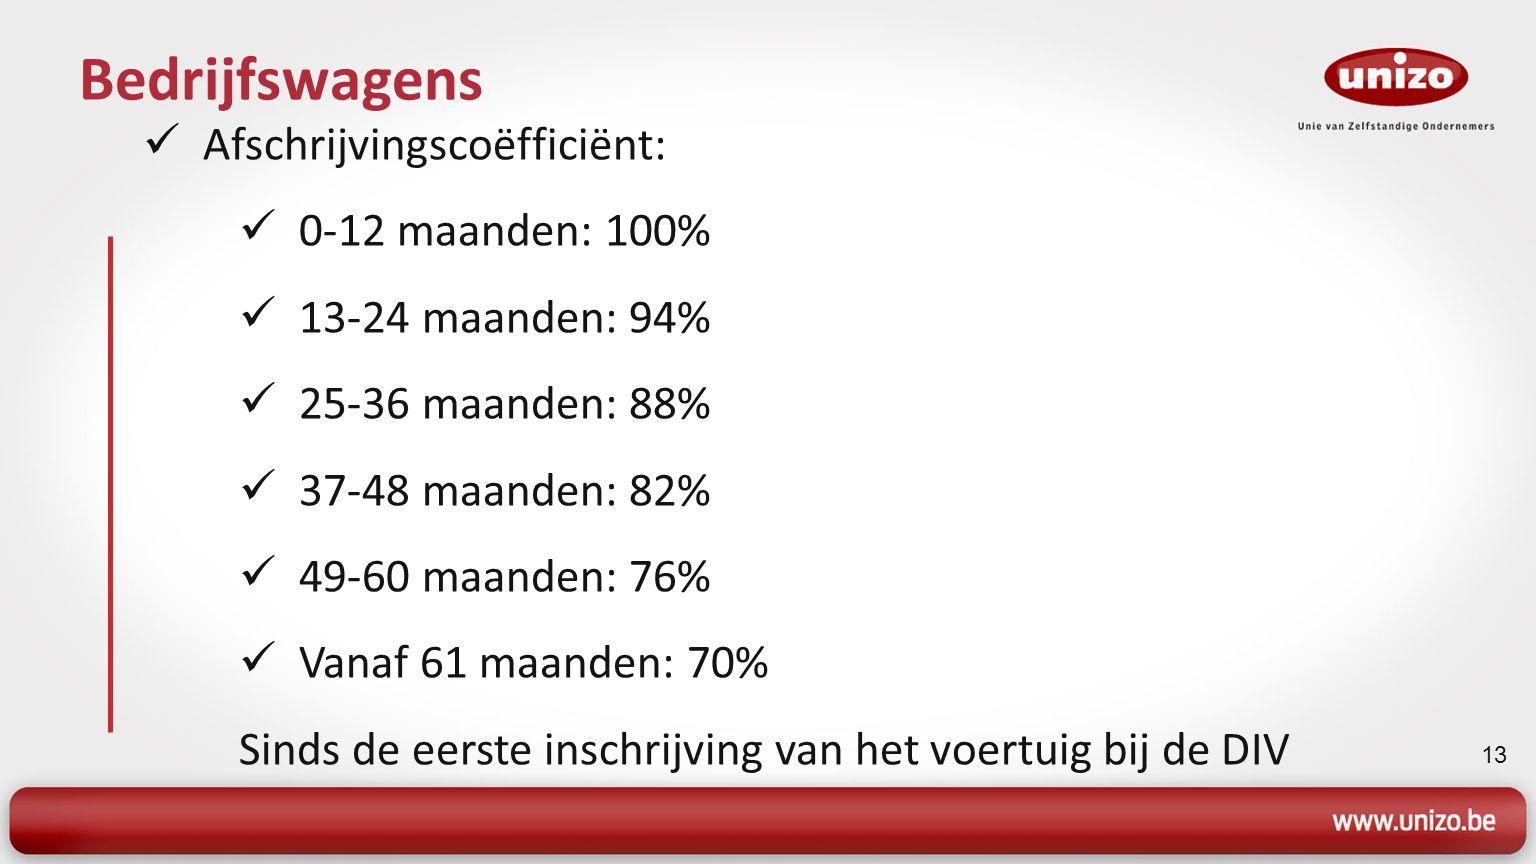 13 Bedrijfswagens Afschrijvingscoëfficiënt: 0-12 maanden: 100% 13-24 maanden: 94% 25-36 maanden: 88% 37-48 maanden: 82% 49-60 maanden: 76% Vanaf 61 ma